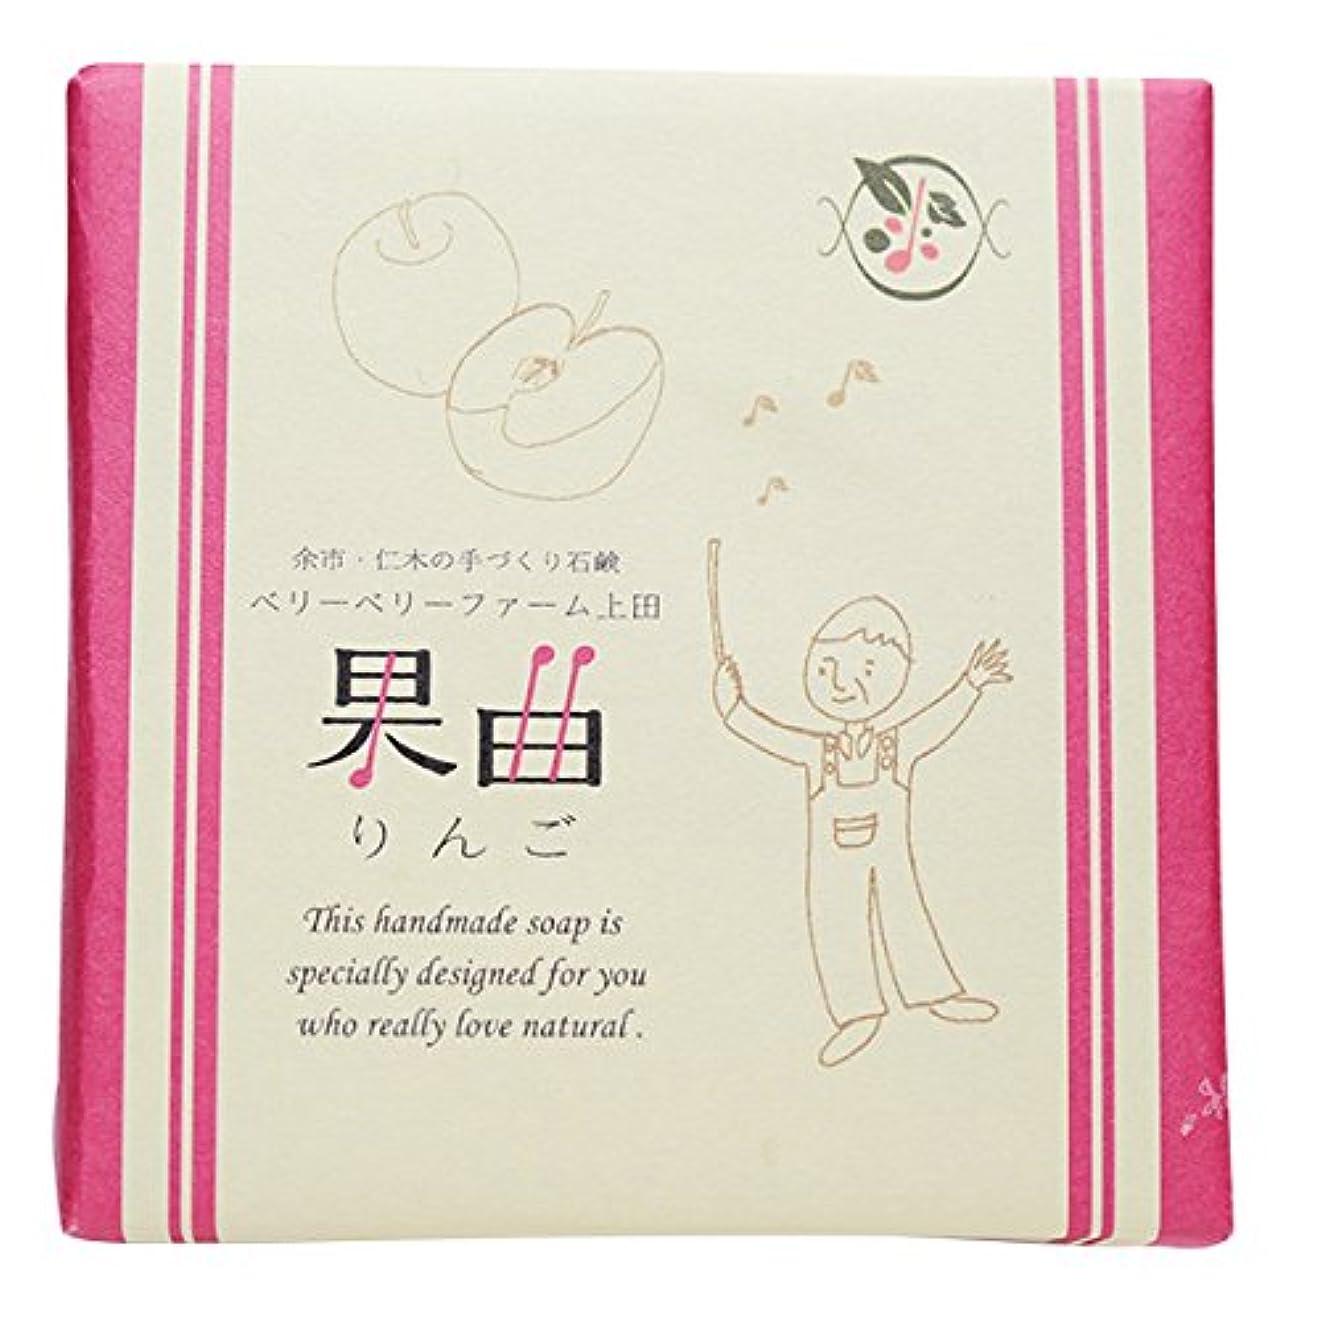 意味する入力鎮痛剤余市町仁木のベリーベリーファーム上田との共同開発 果曲(りんご)純練り石鹸